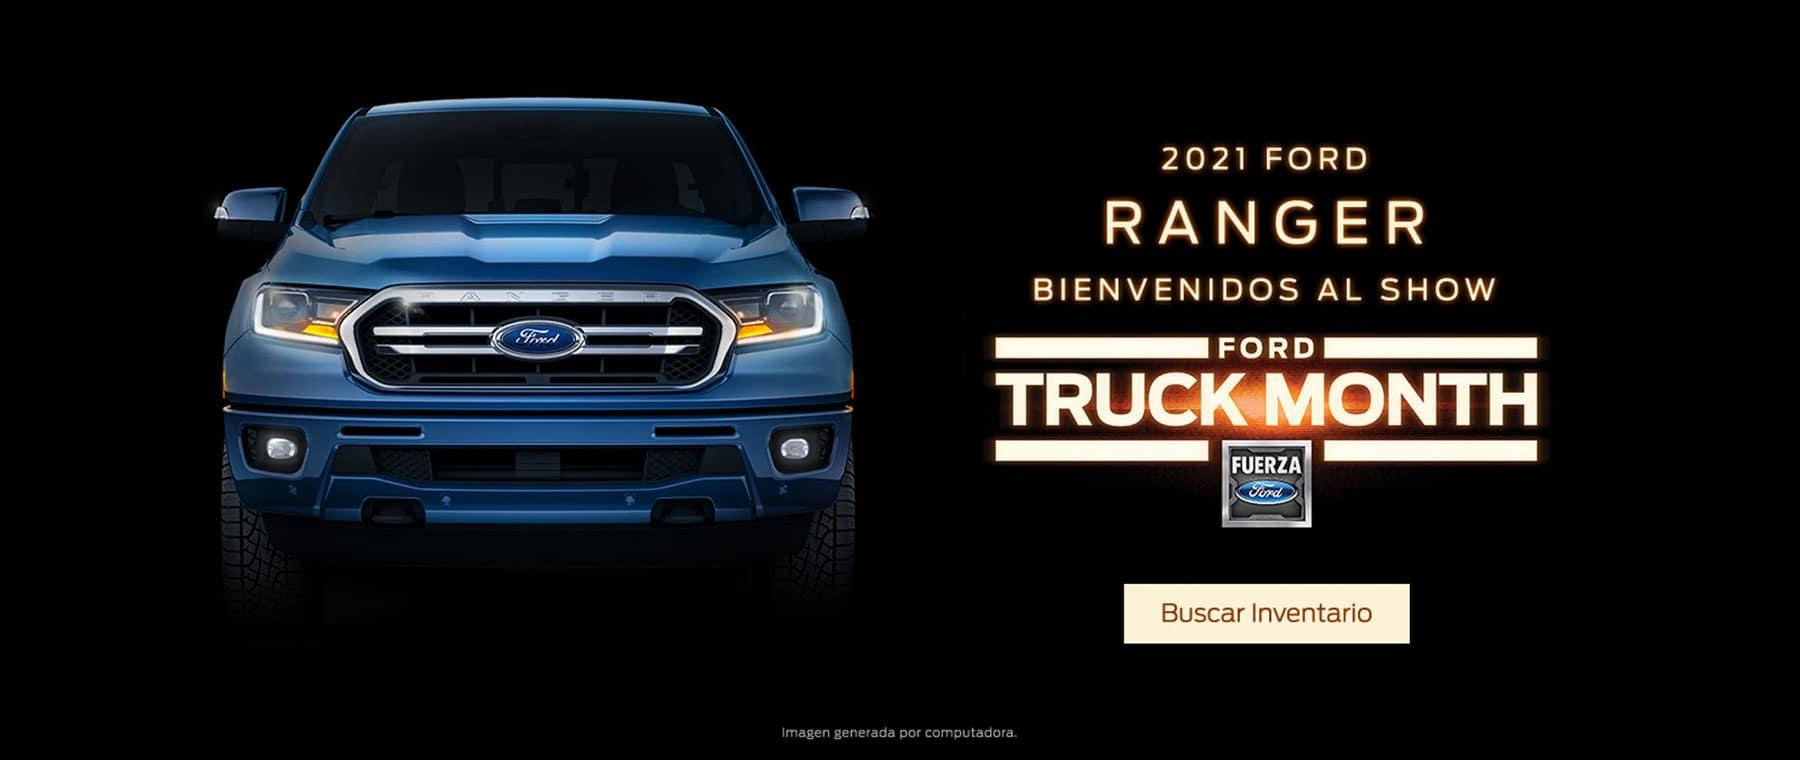 2021_TruckMnth_Ranger-1800×760 Spanish